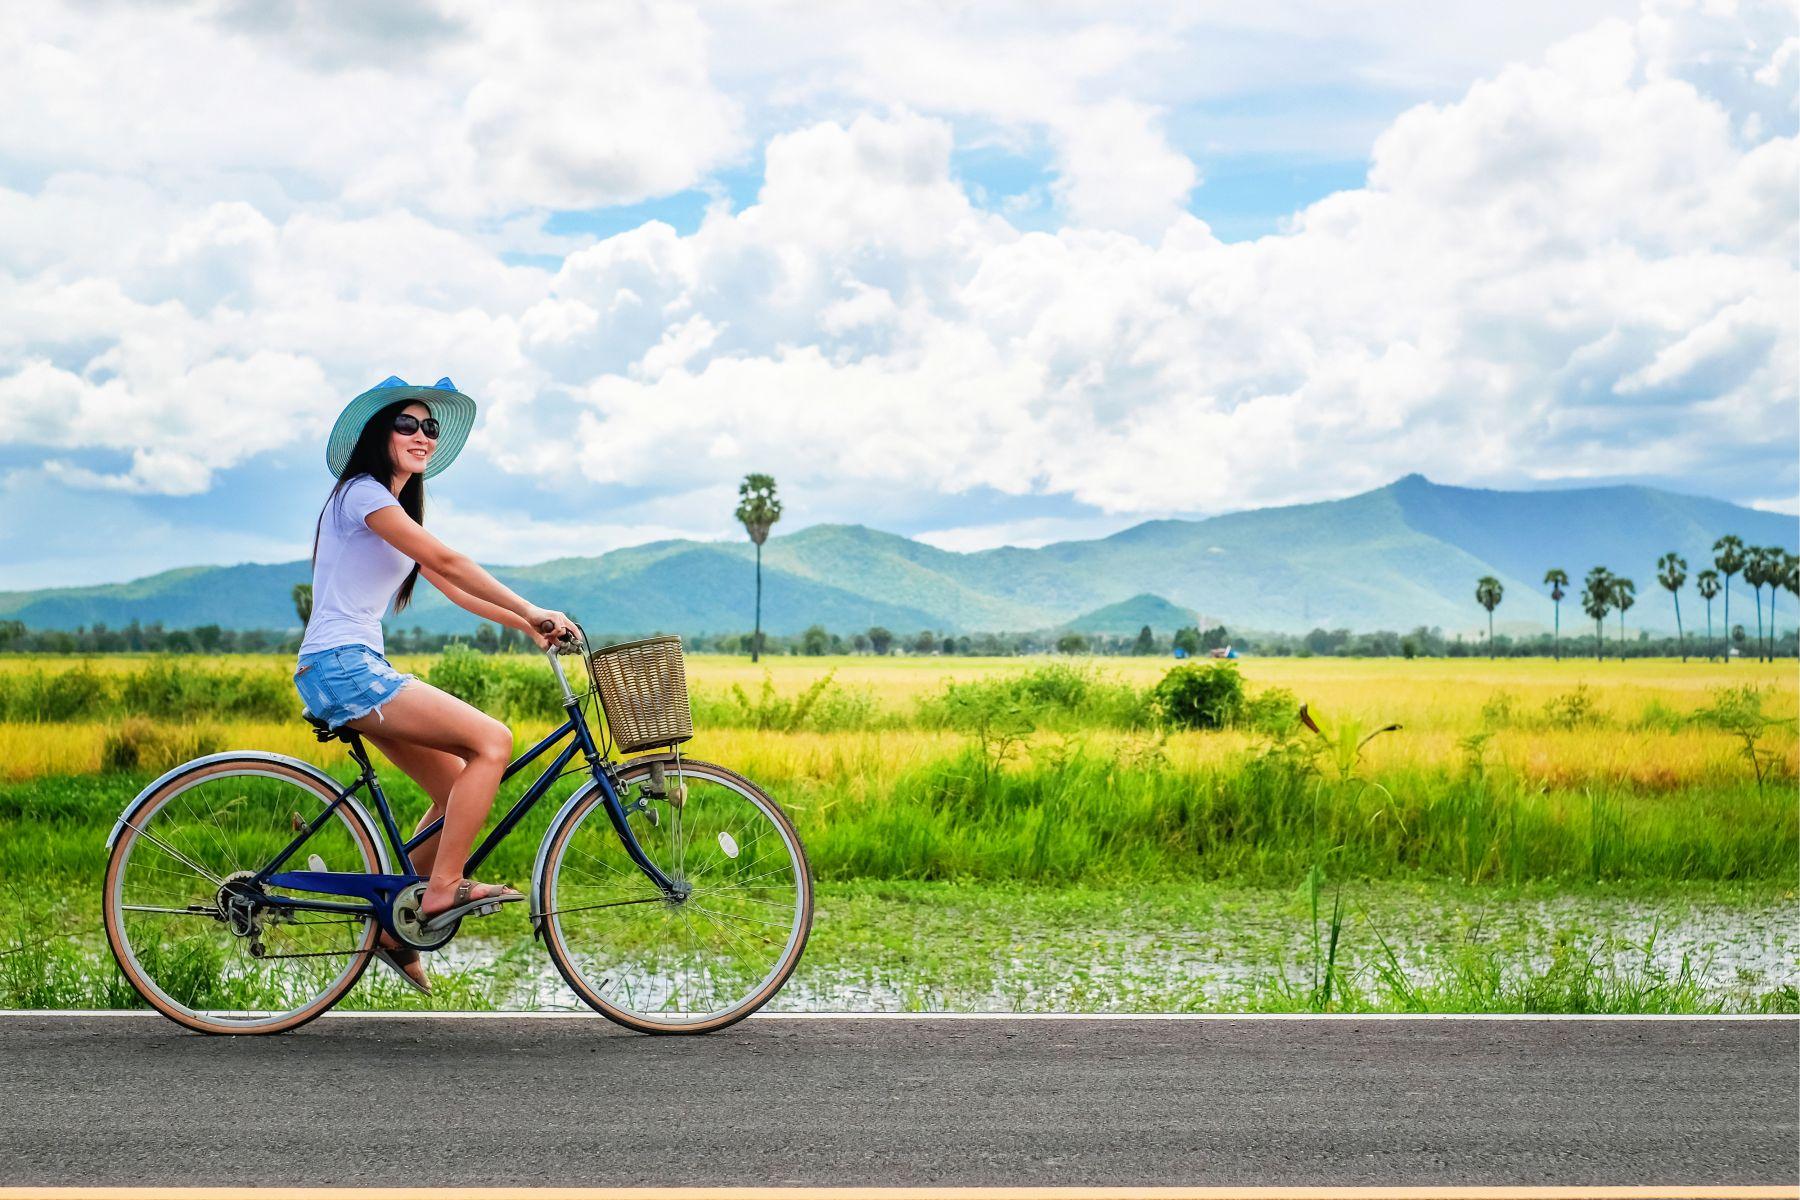 旅行,是用錢買到更富有的東西!老黑:50歲以後,別再斤斤計較,時間不等人,快點勇敢出發!